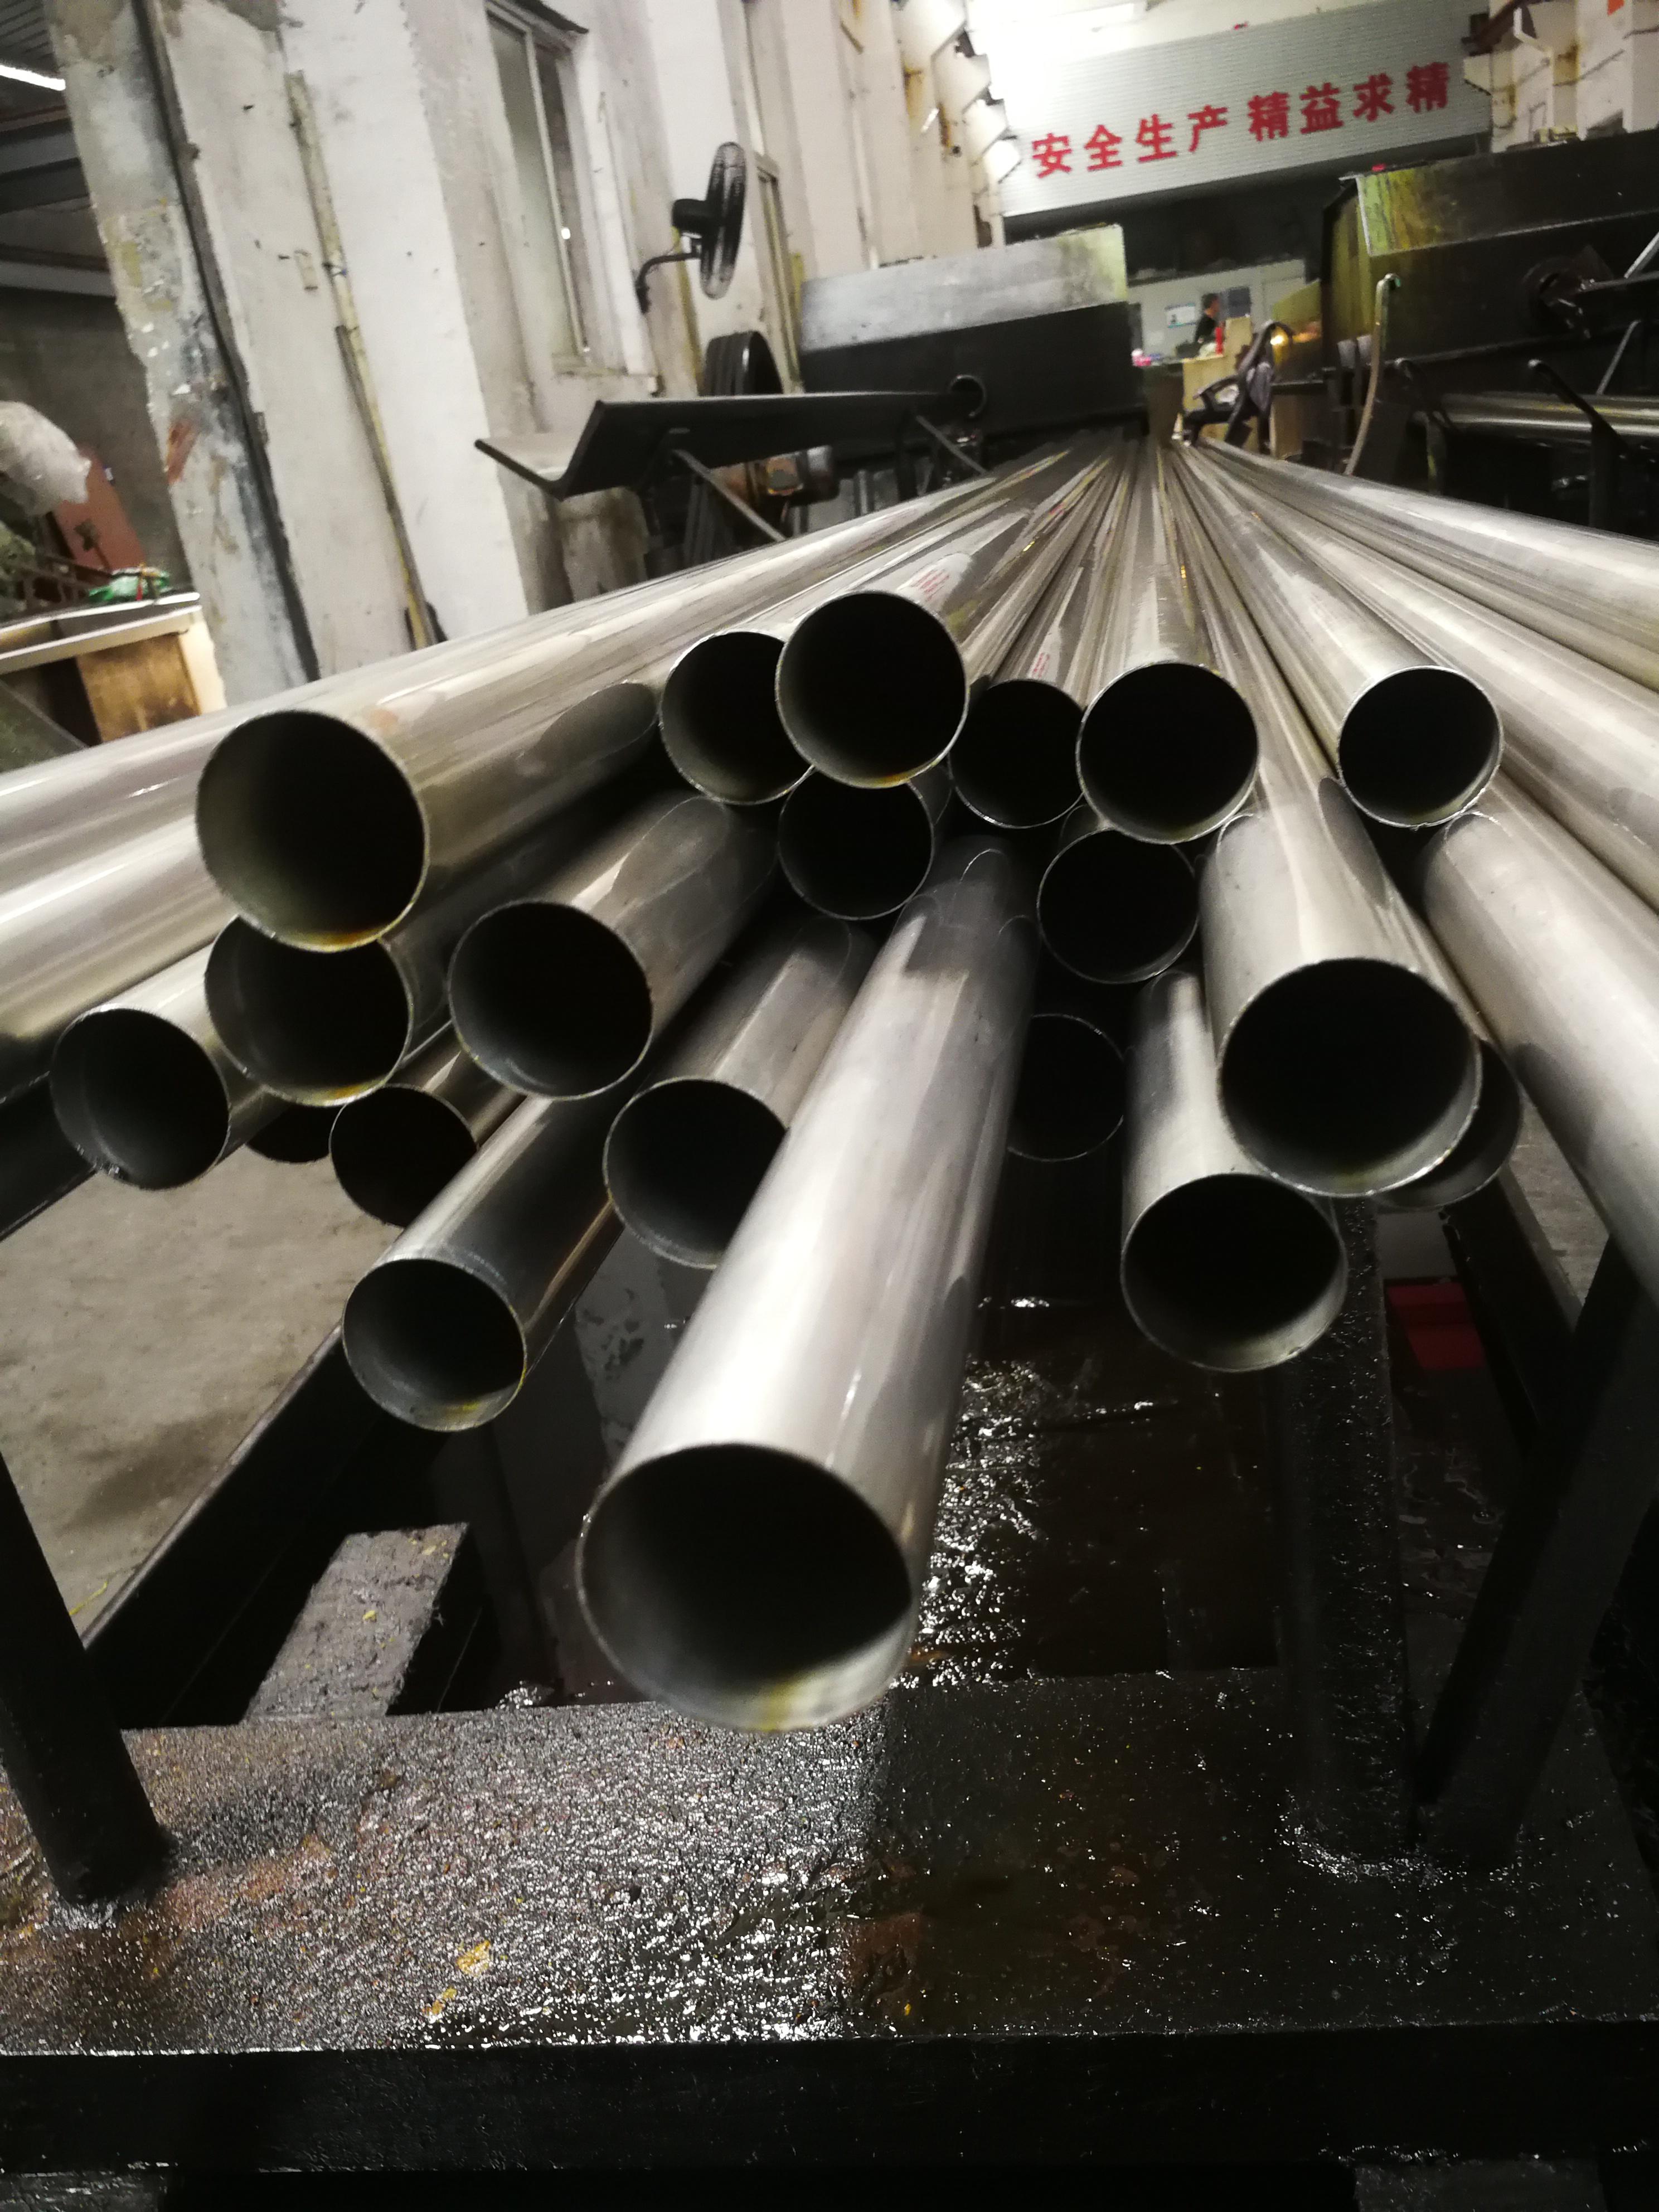 42*0.5精密不锈钢管发货需附带出库单和产品检验证明书(图3)